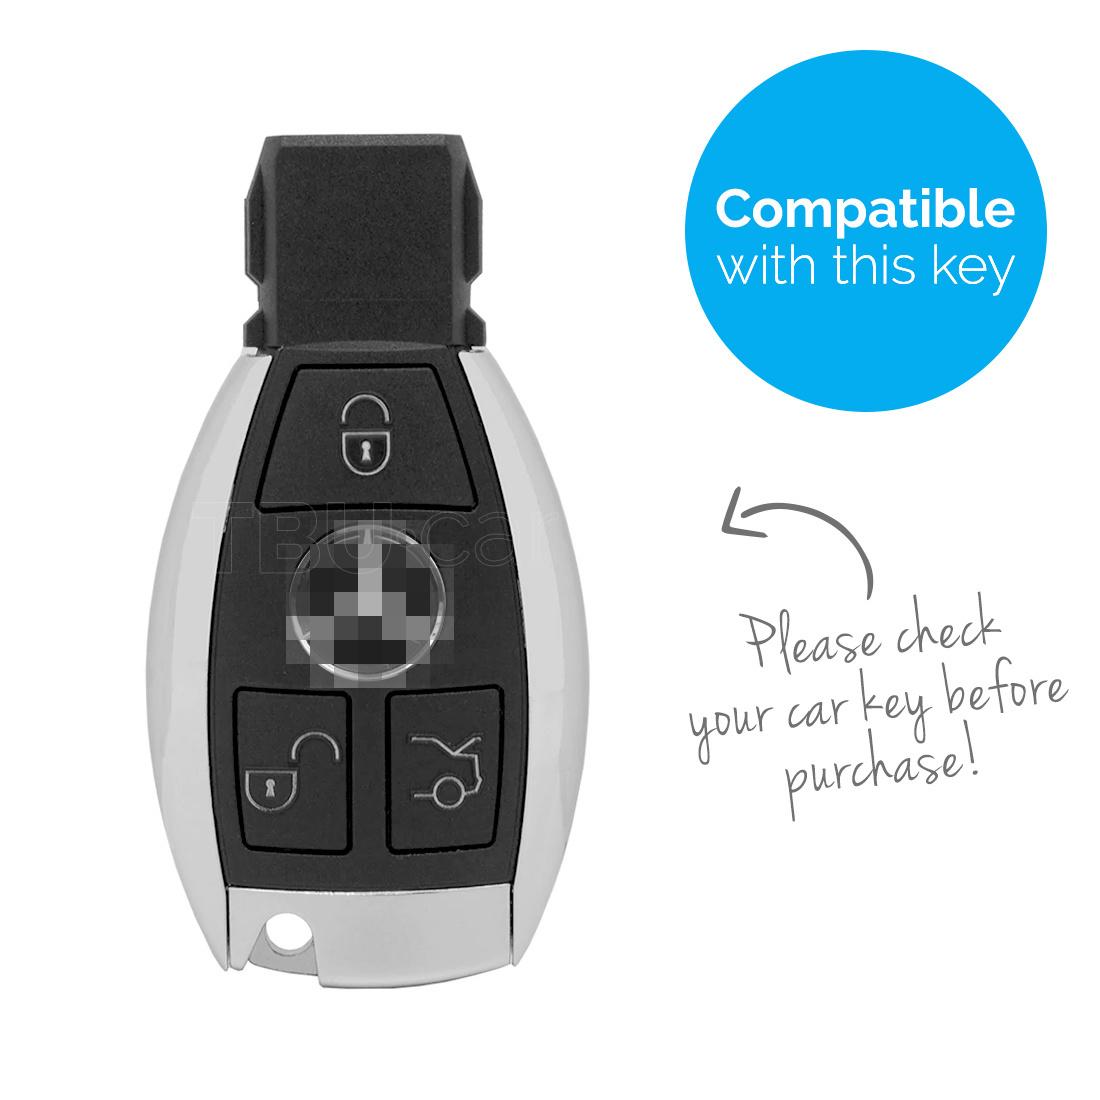 TBU car Autoschlüssel Hülle für Mercedes 3 Tasten - Schutzhülle aus Silikon - Auto Schlüsselhülle Cover in Weiß